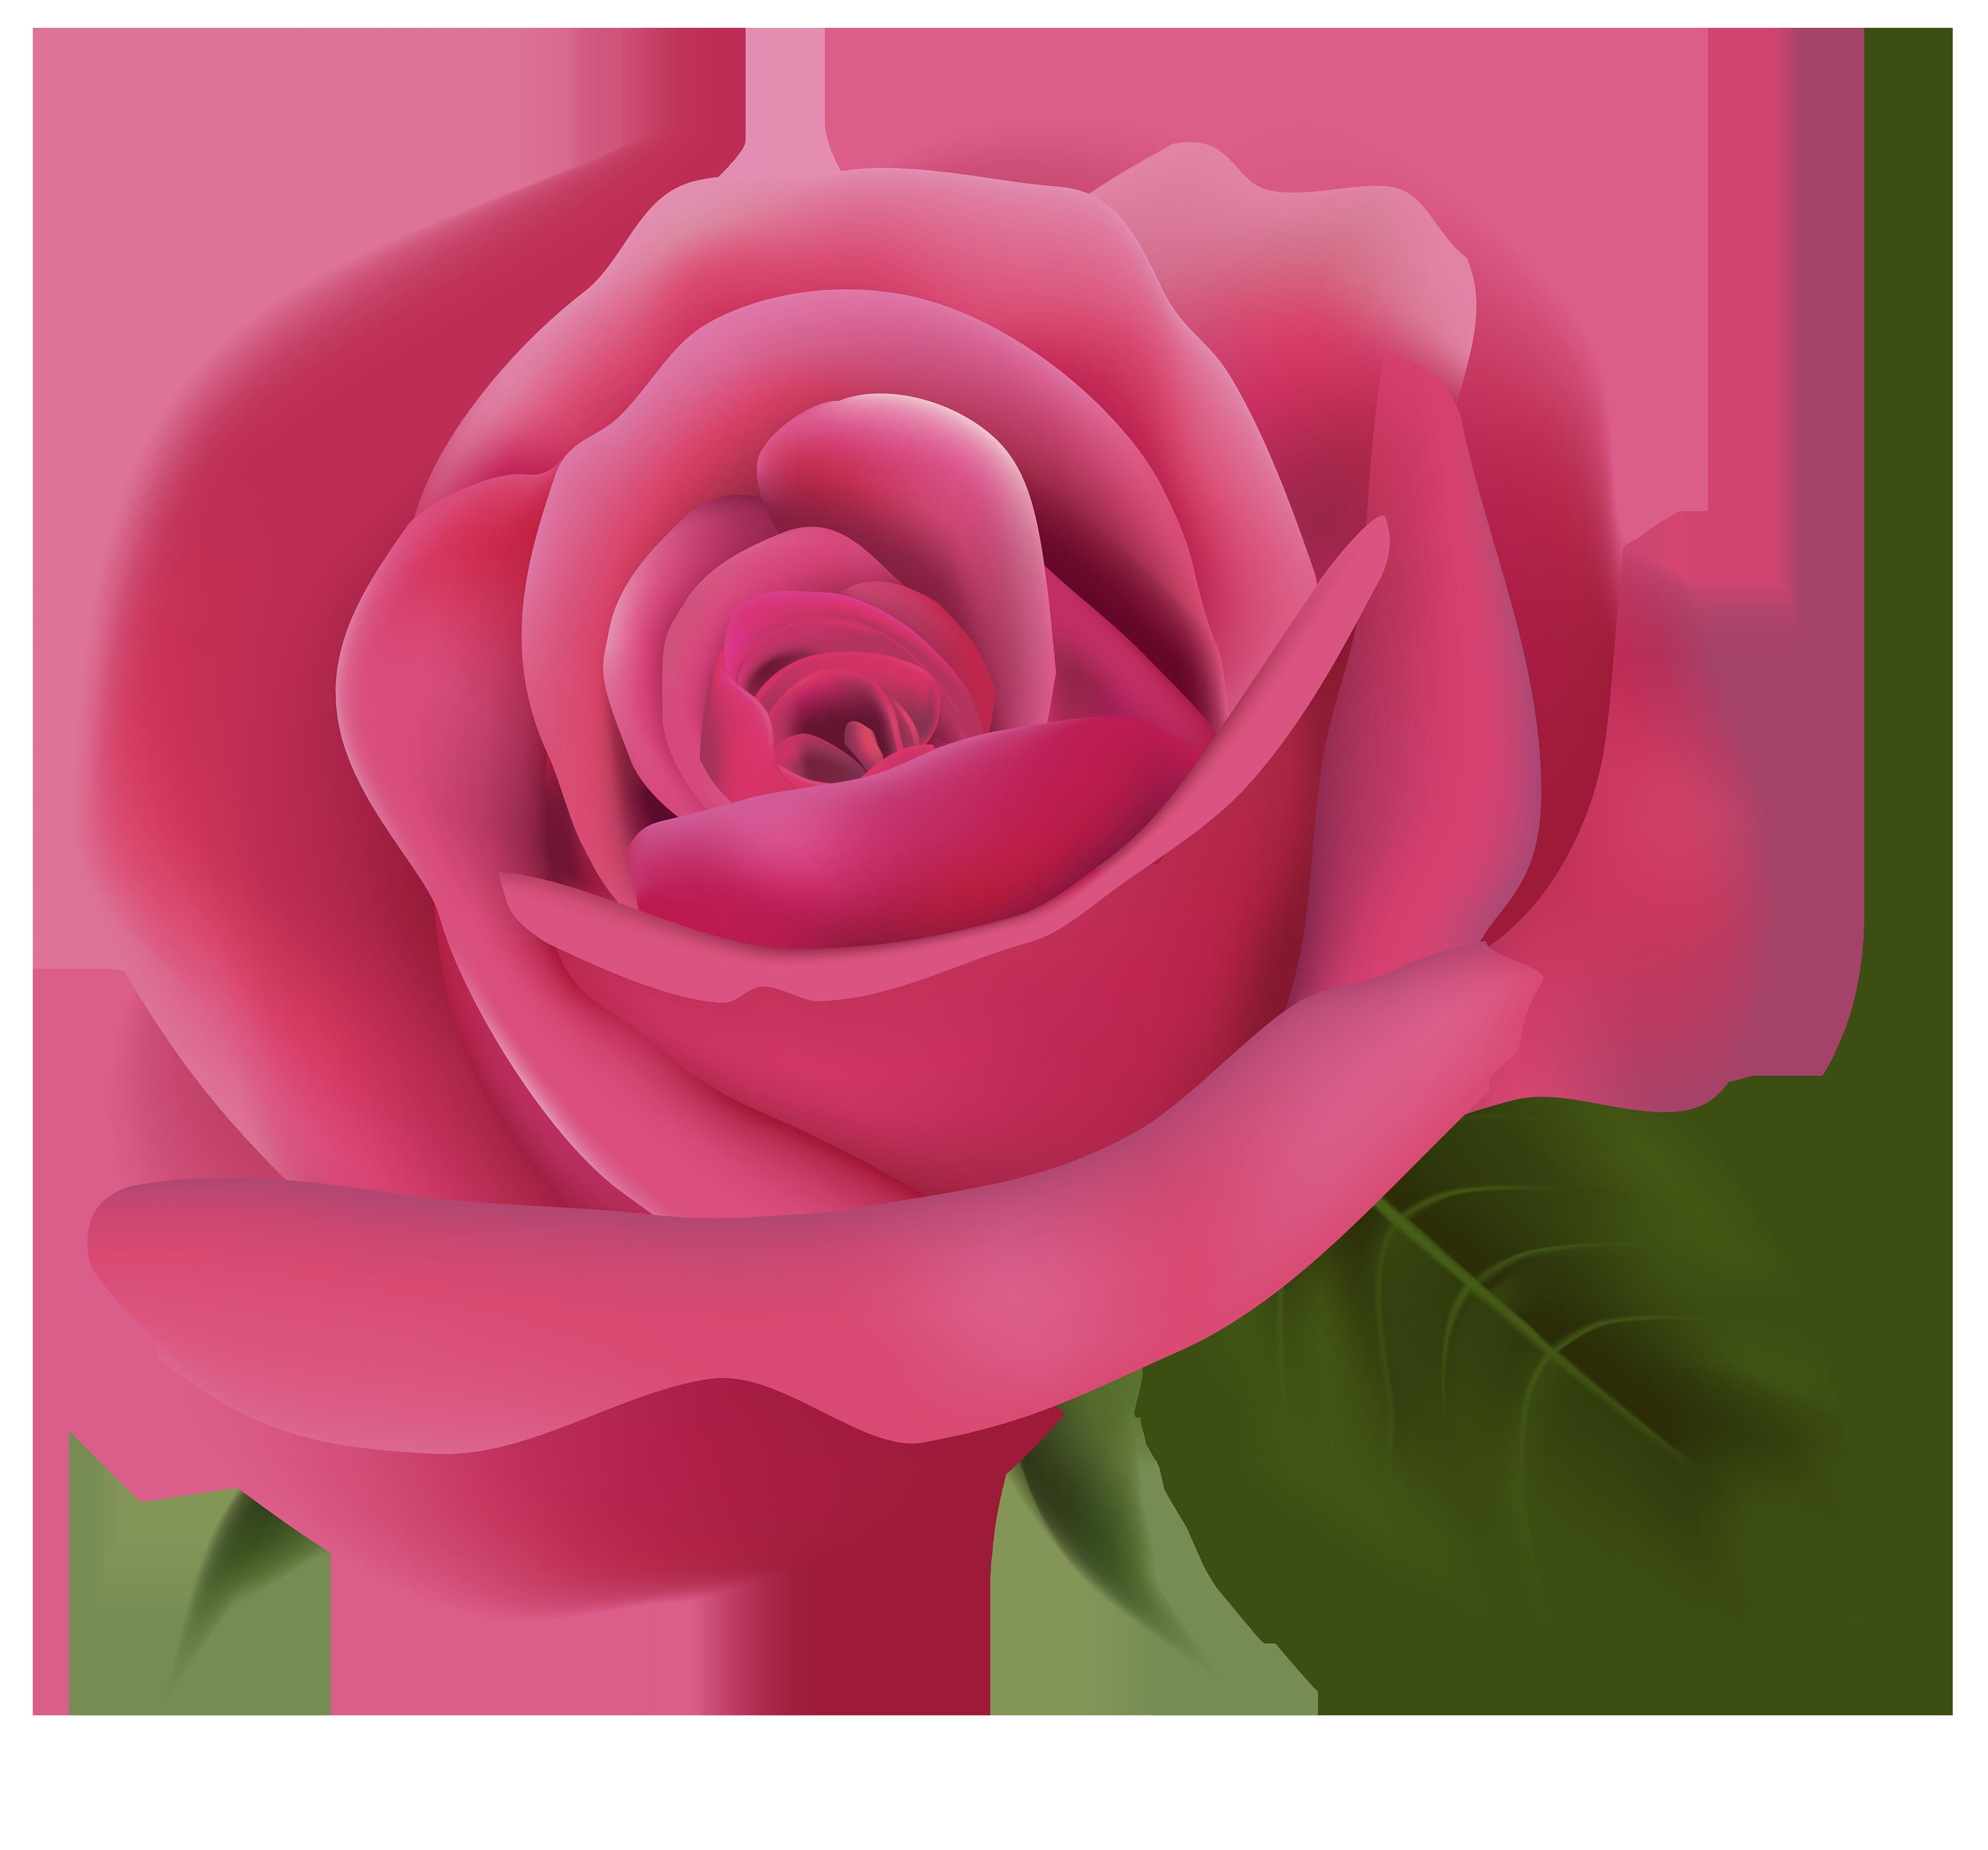 Pink rose transparent background. Single flower png